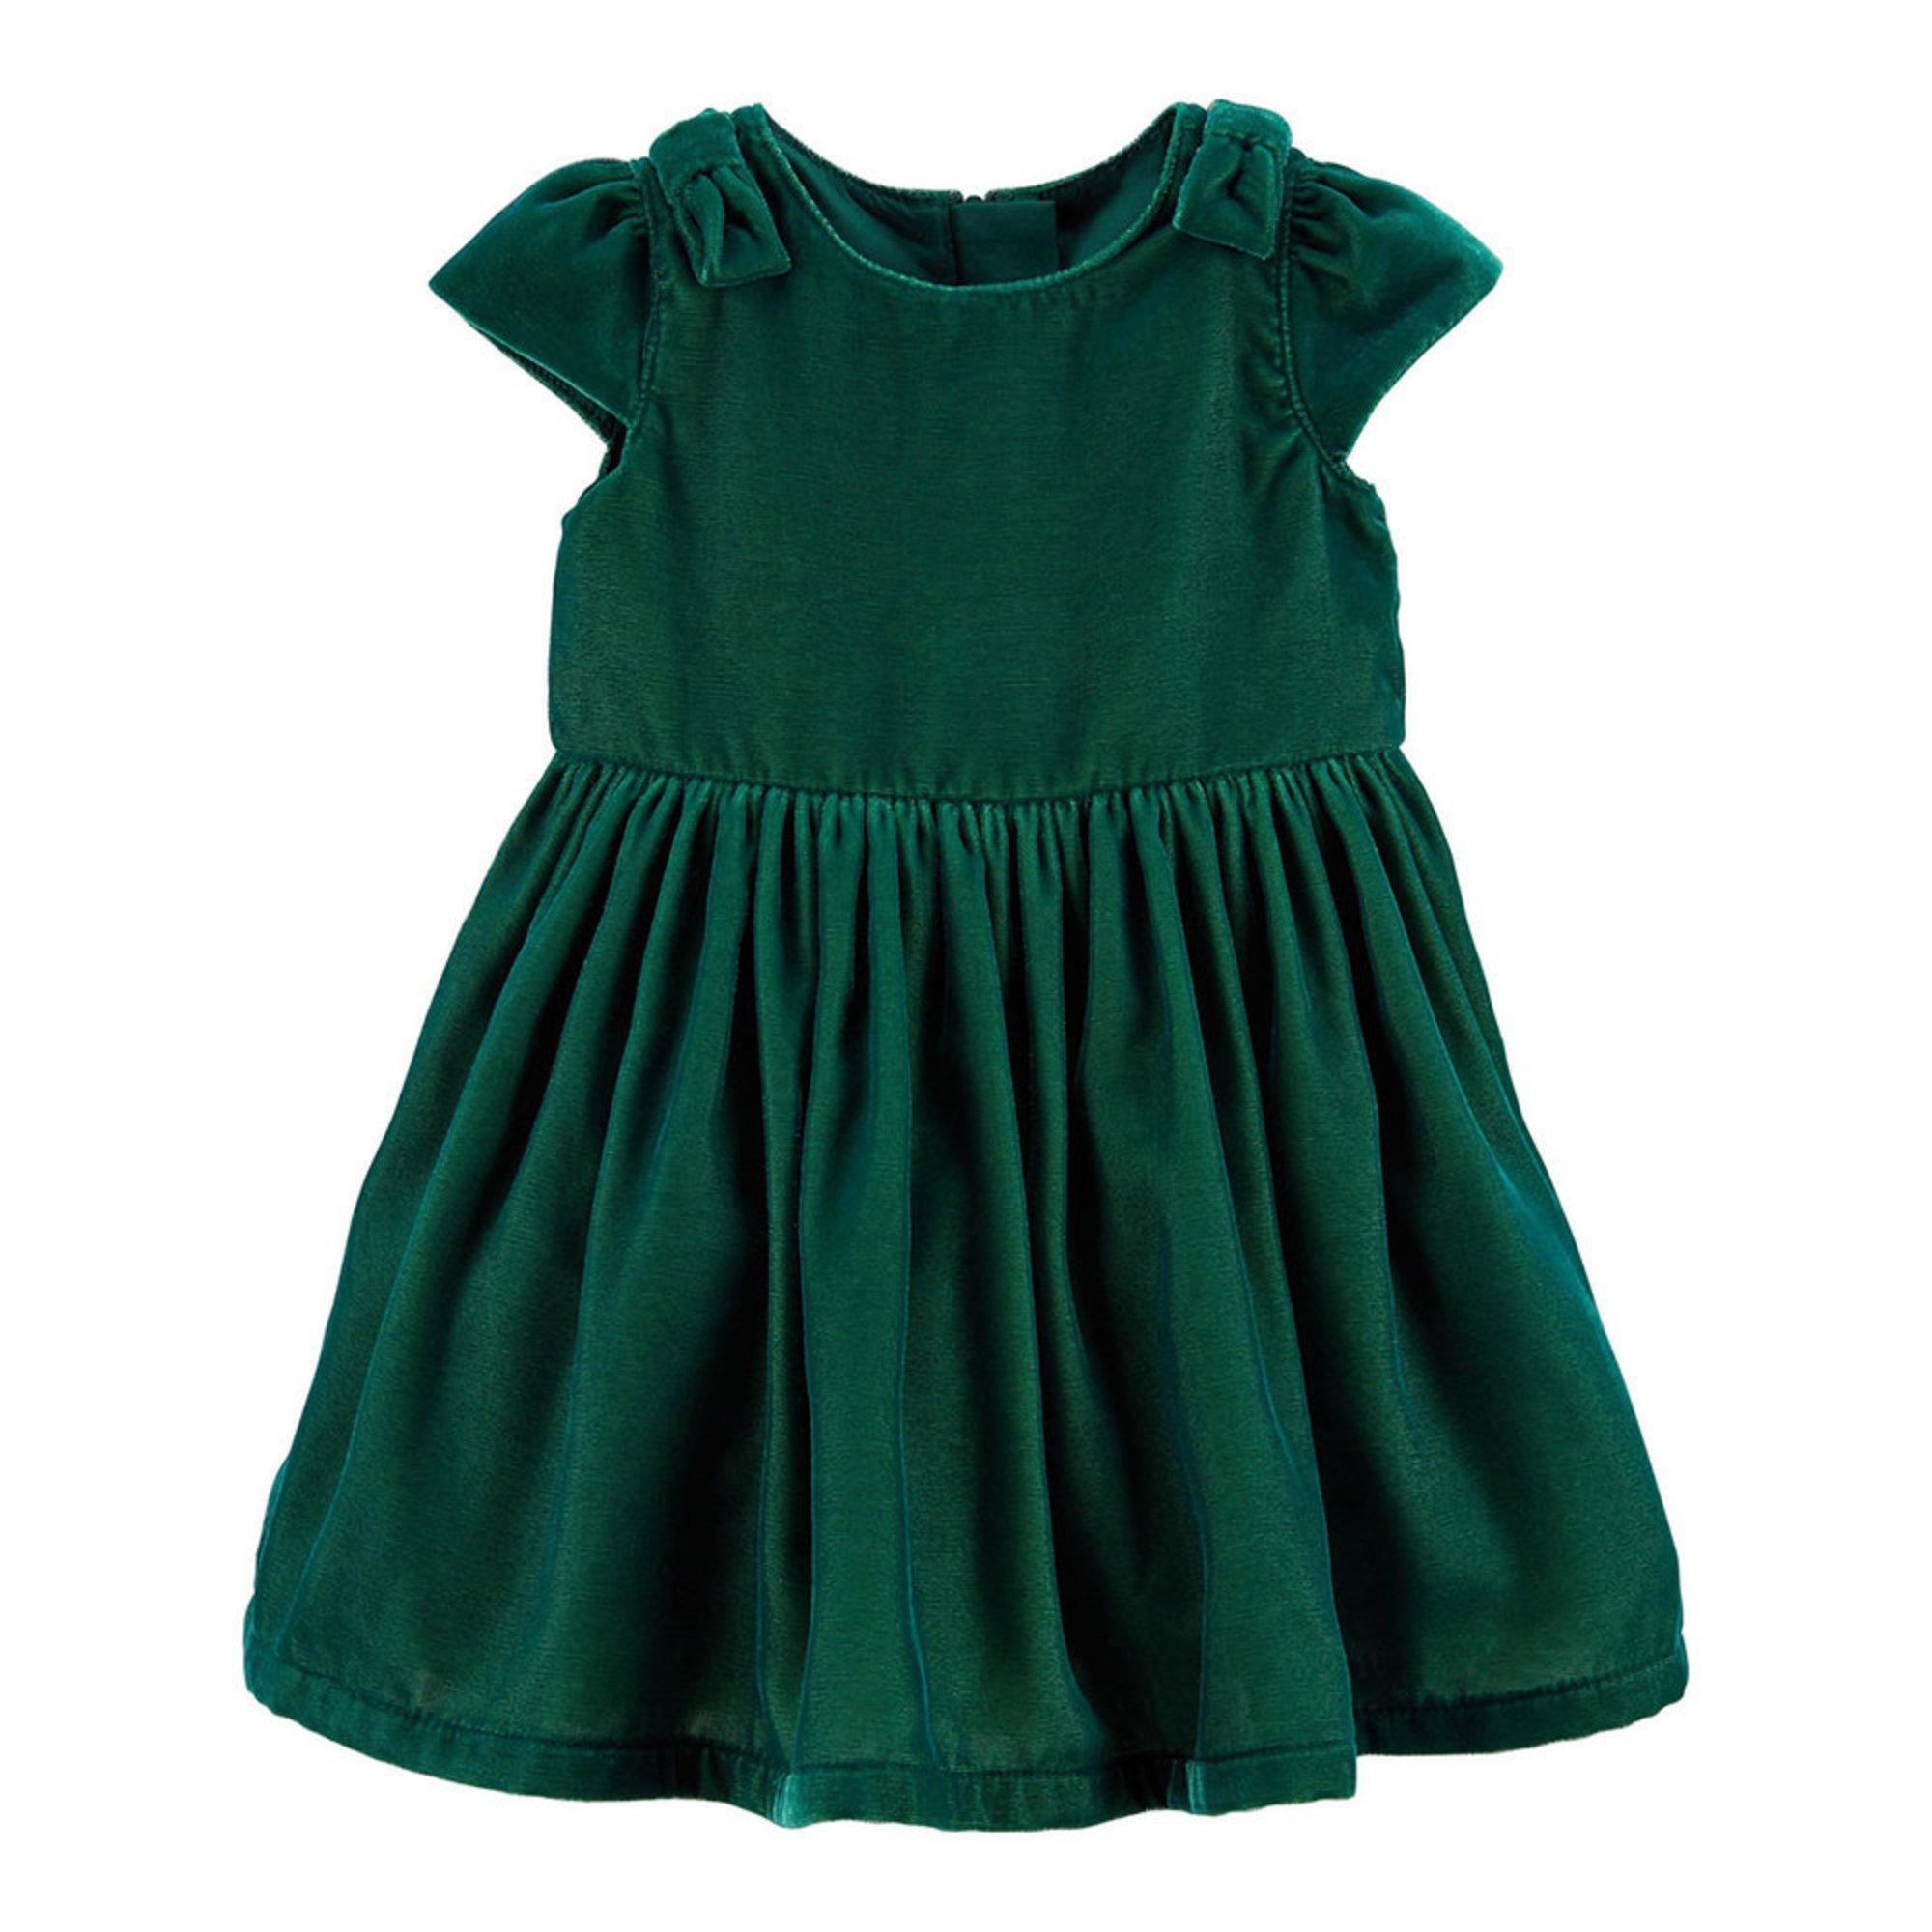 3735657fb Carter's Baby Girls' Holiday Bow Velvet Dress | Baby Girls' Dresses ...